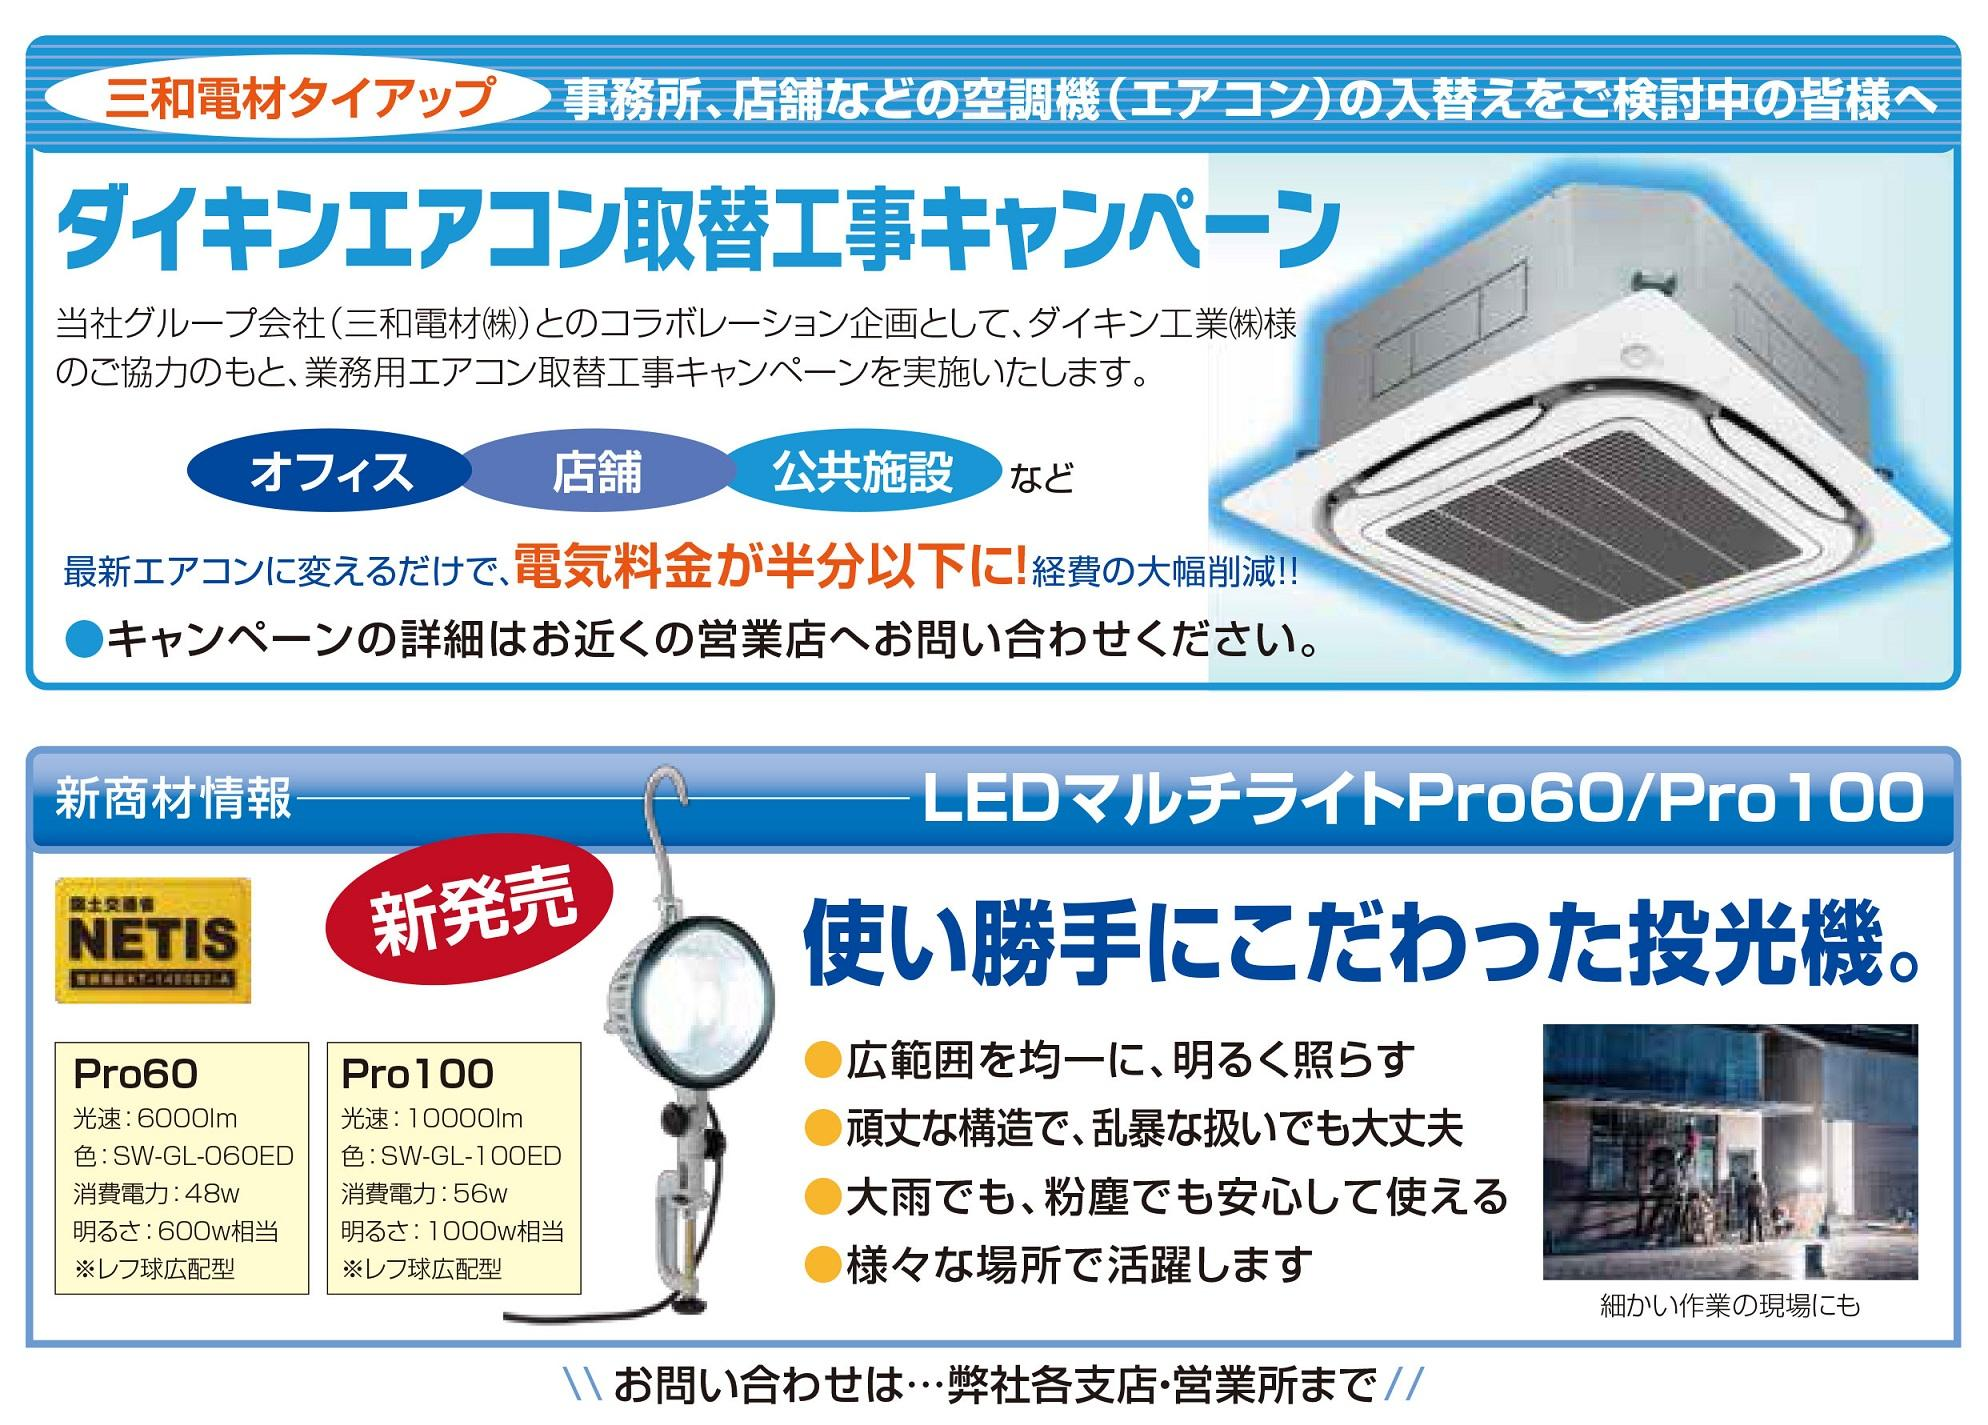 ダイキンエアコン/LEDマルチライトPro60/Pro100